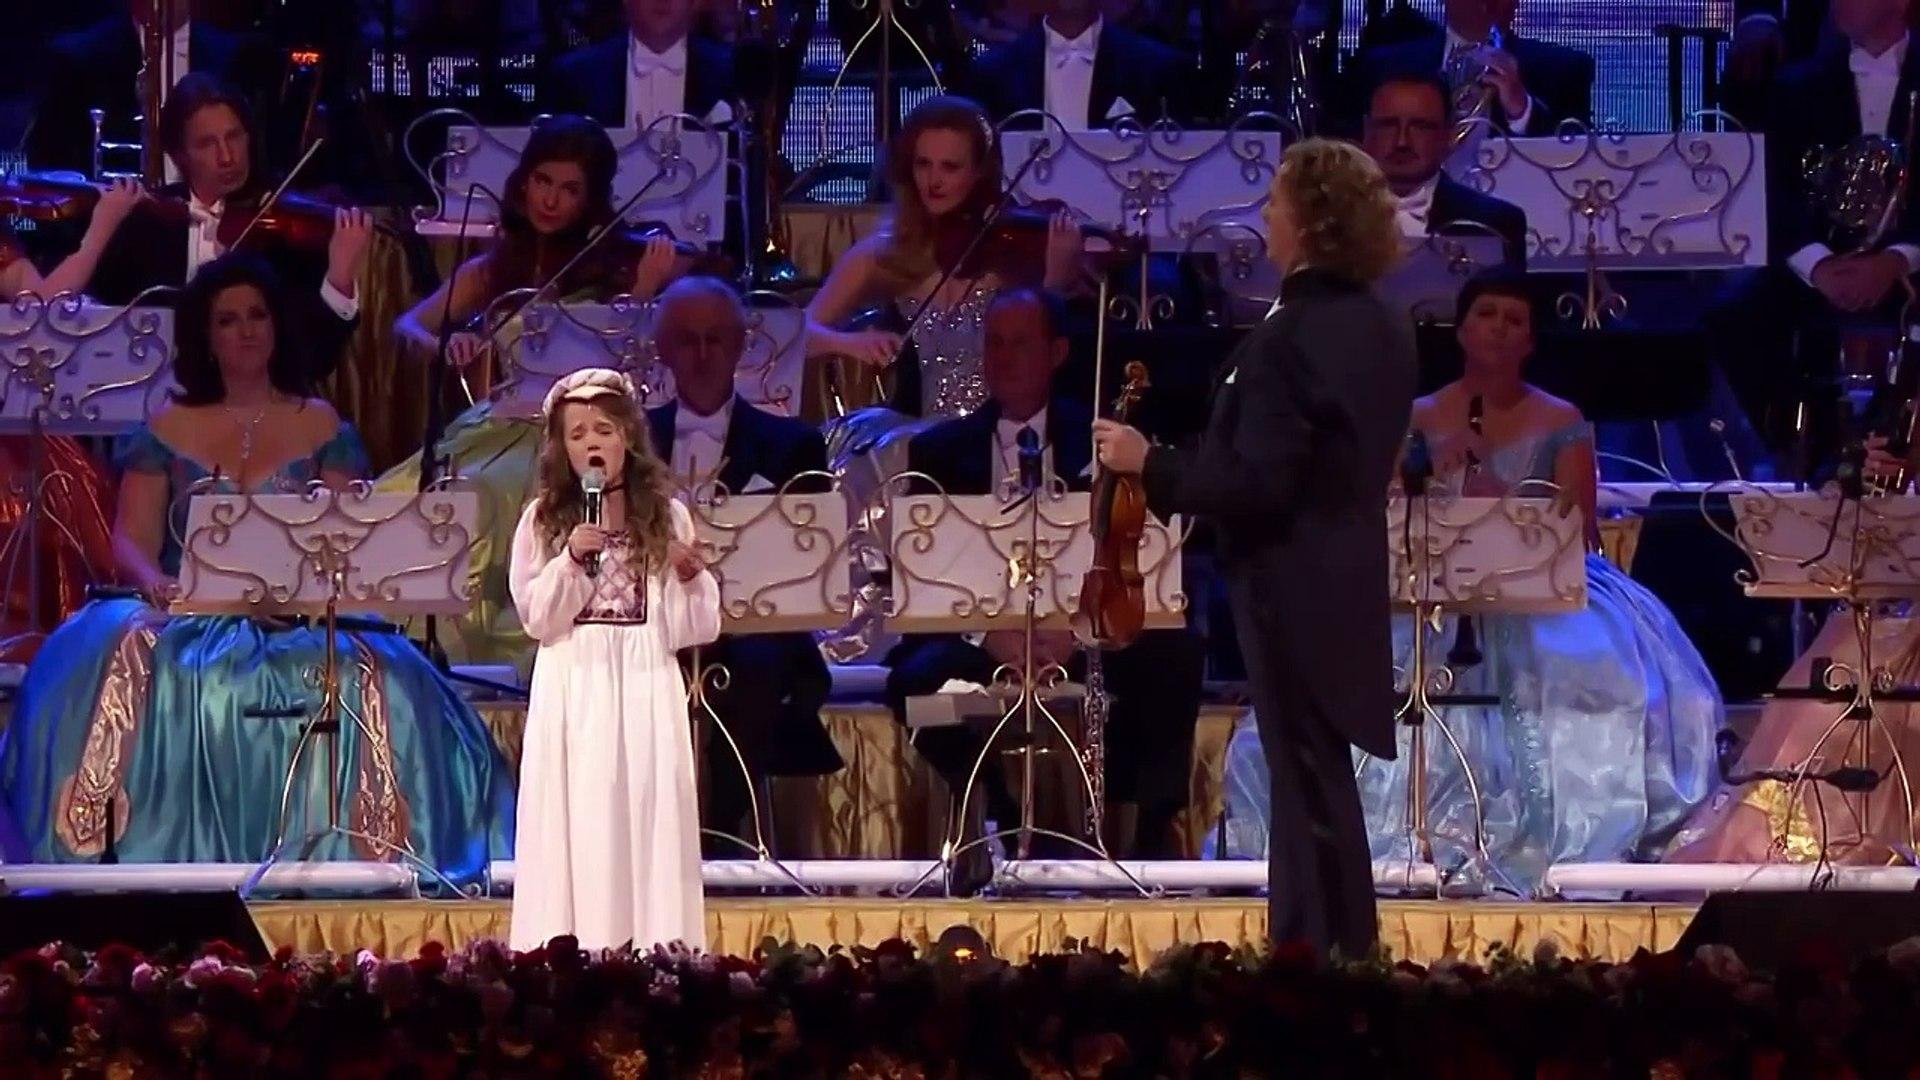 Она вышла на сцену и начала петь, в зале плакали все